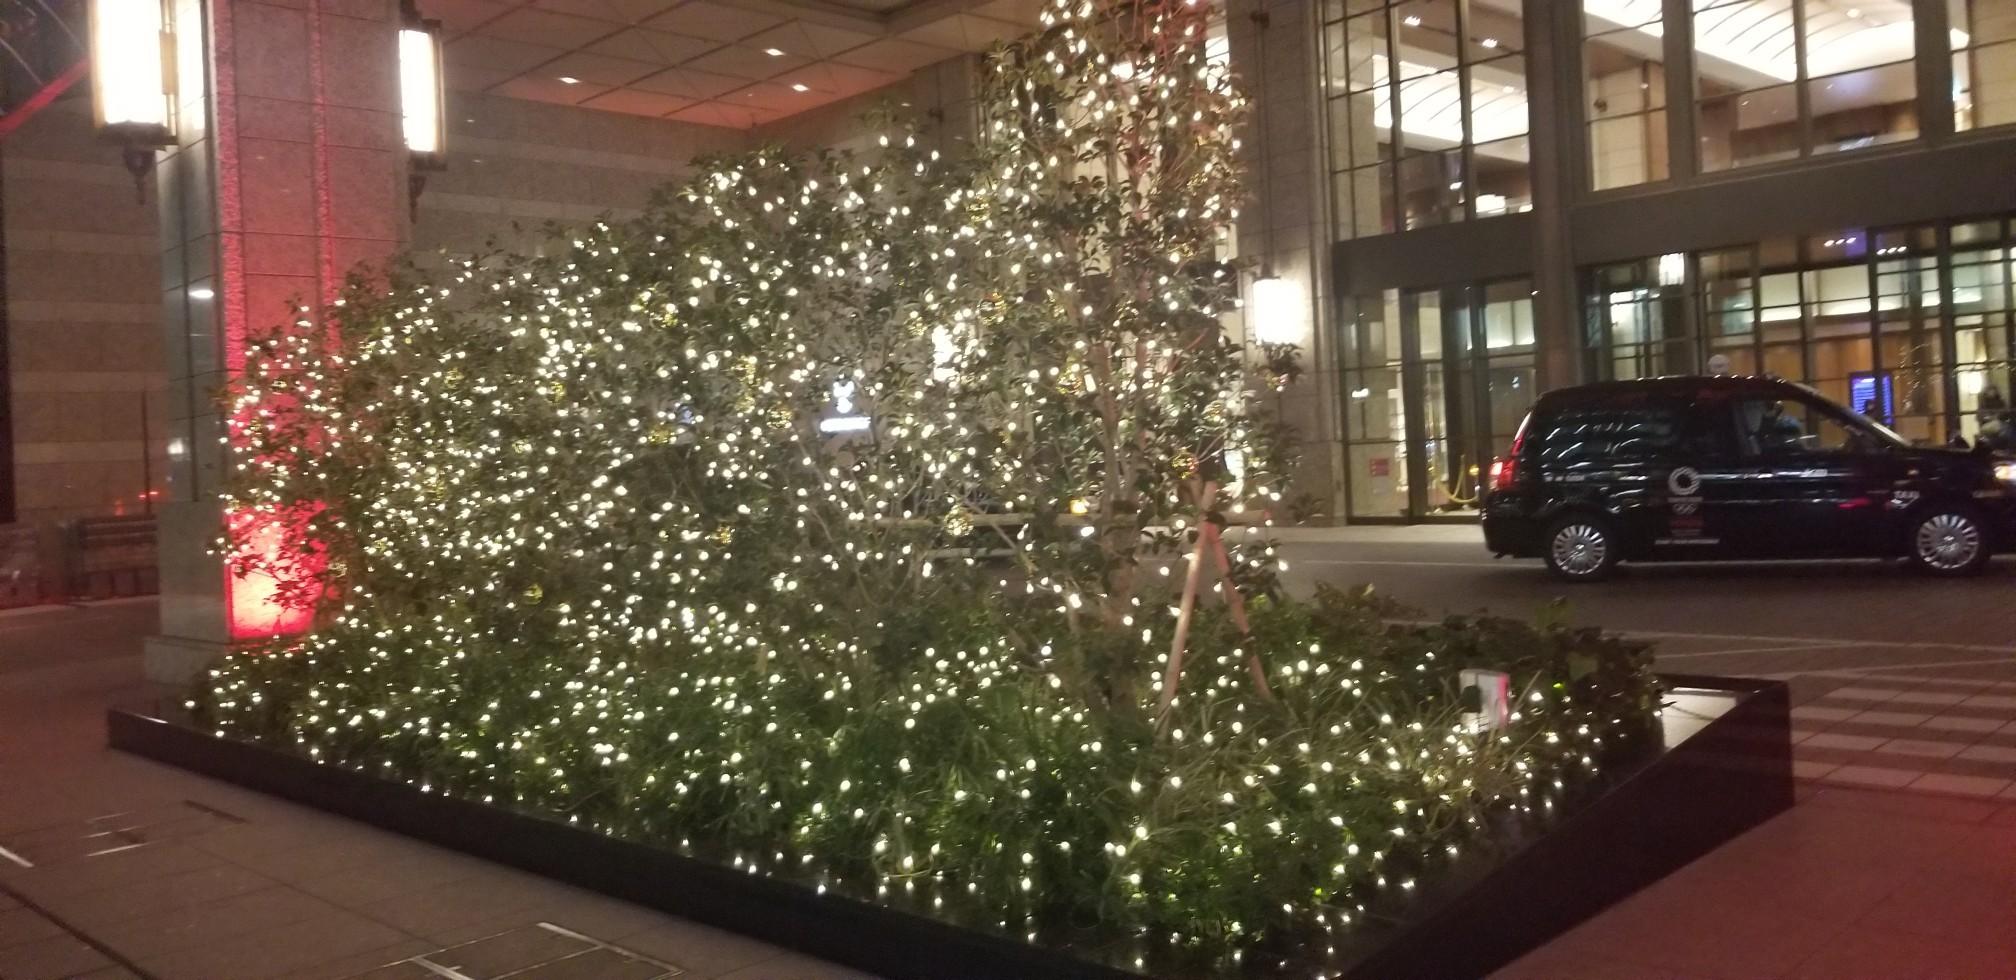 ♪いつまでもクリスマス★七海ひろきディナーショー_d0162225_18471130.jpg